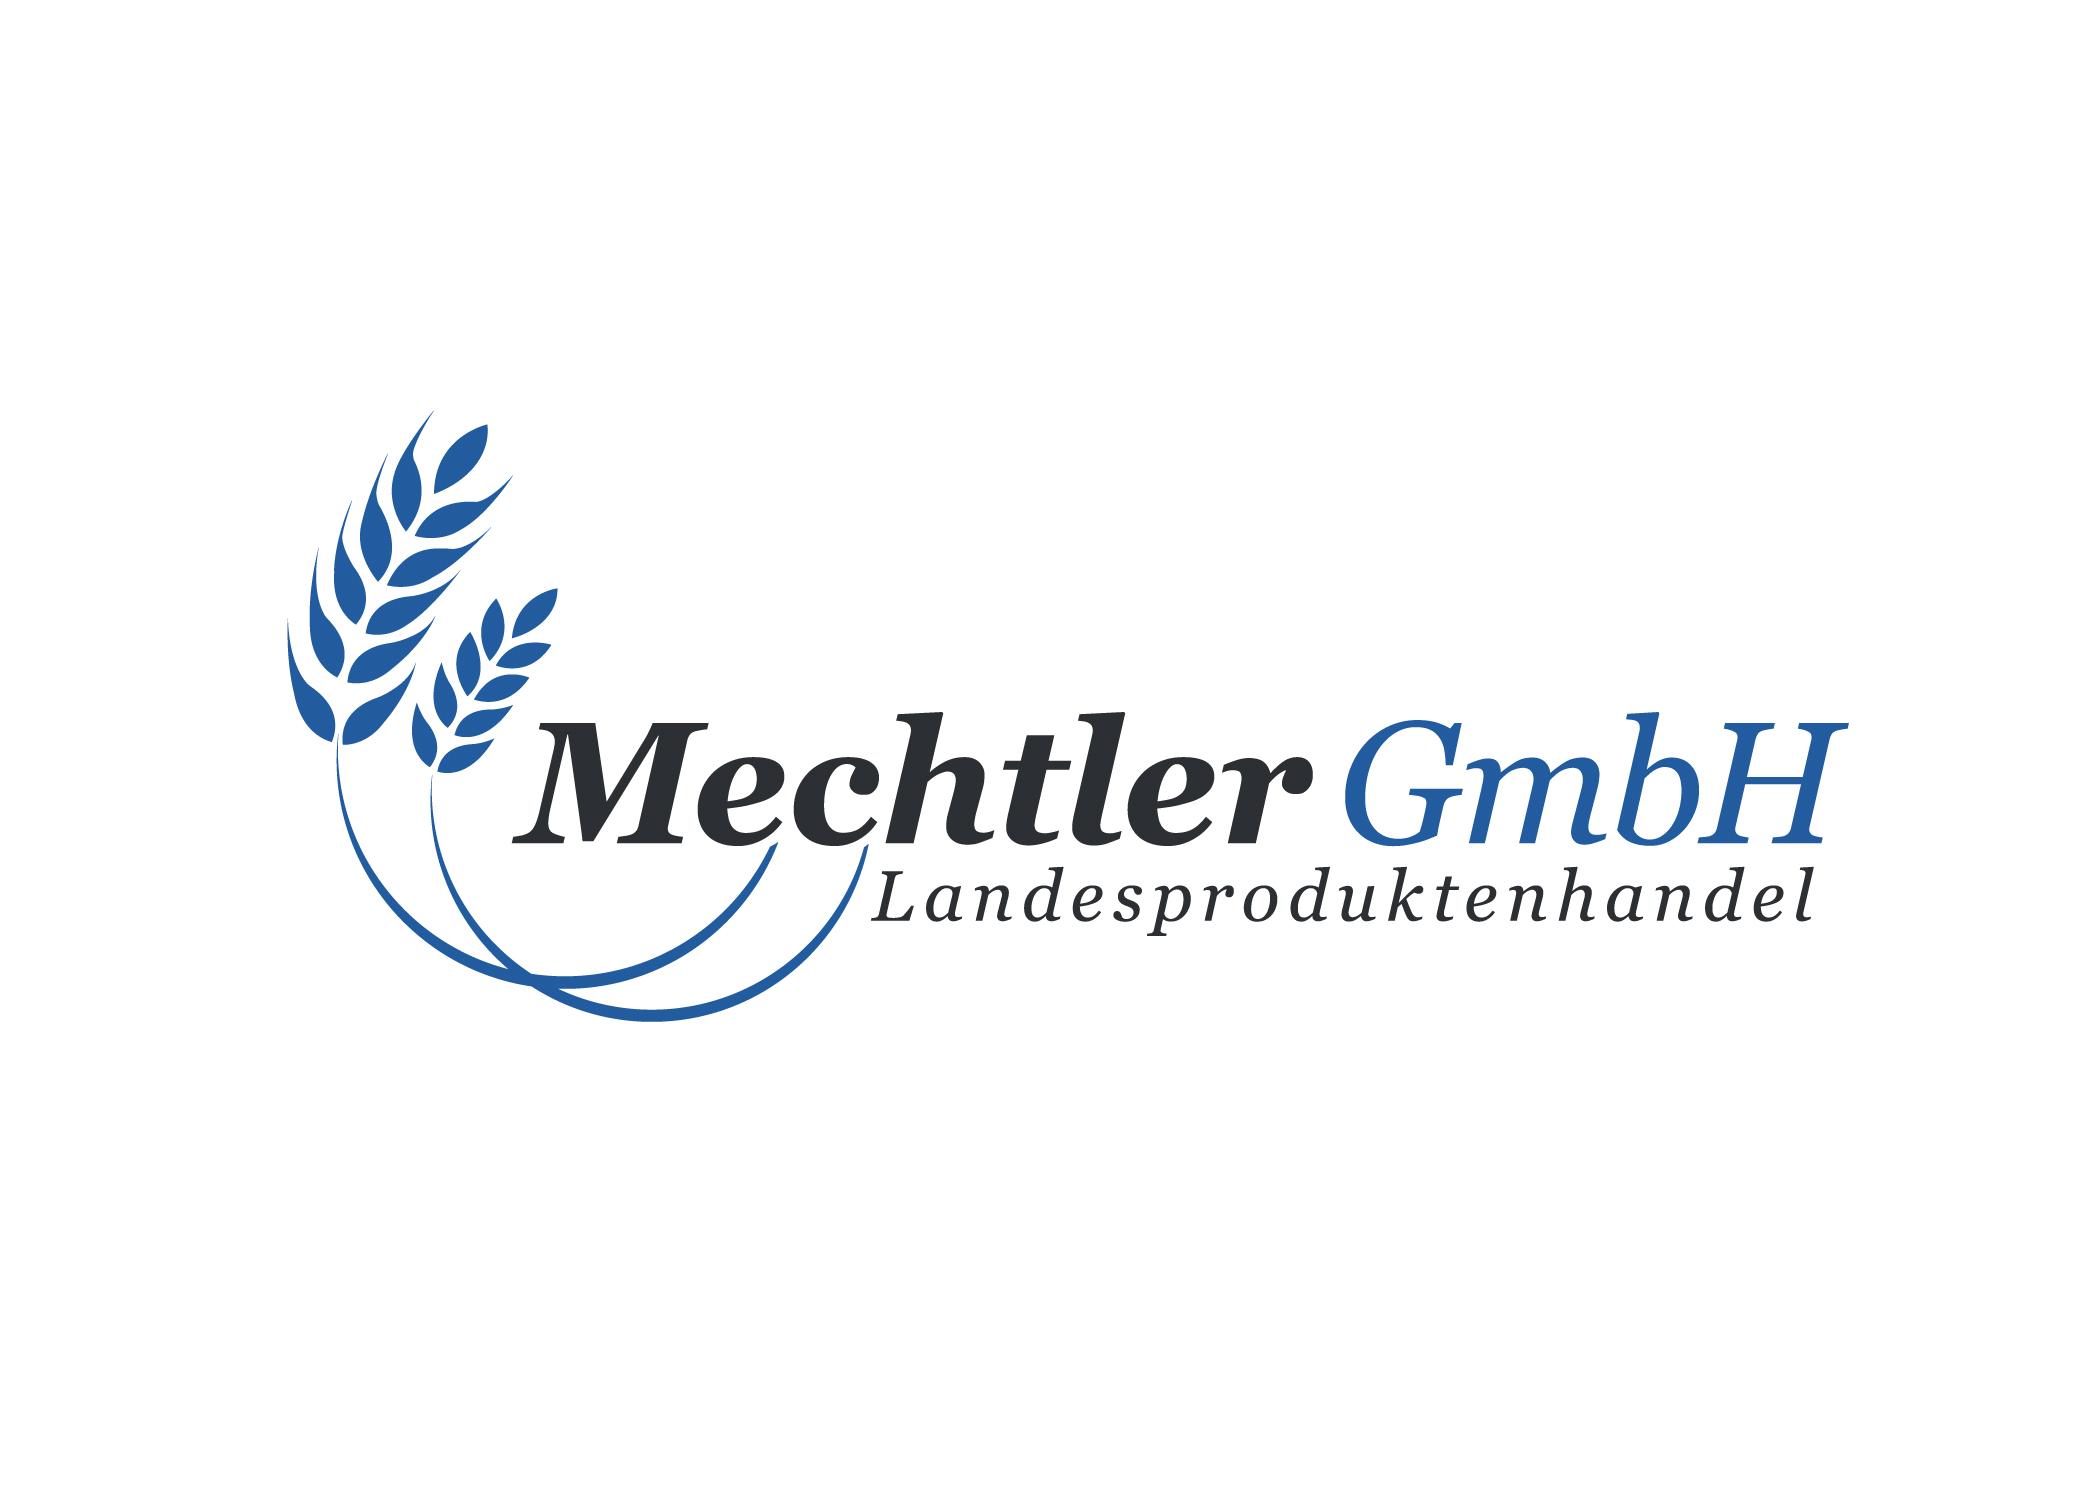 Mechtler